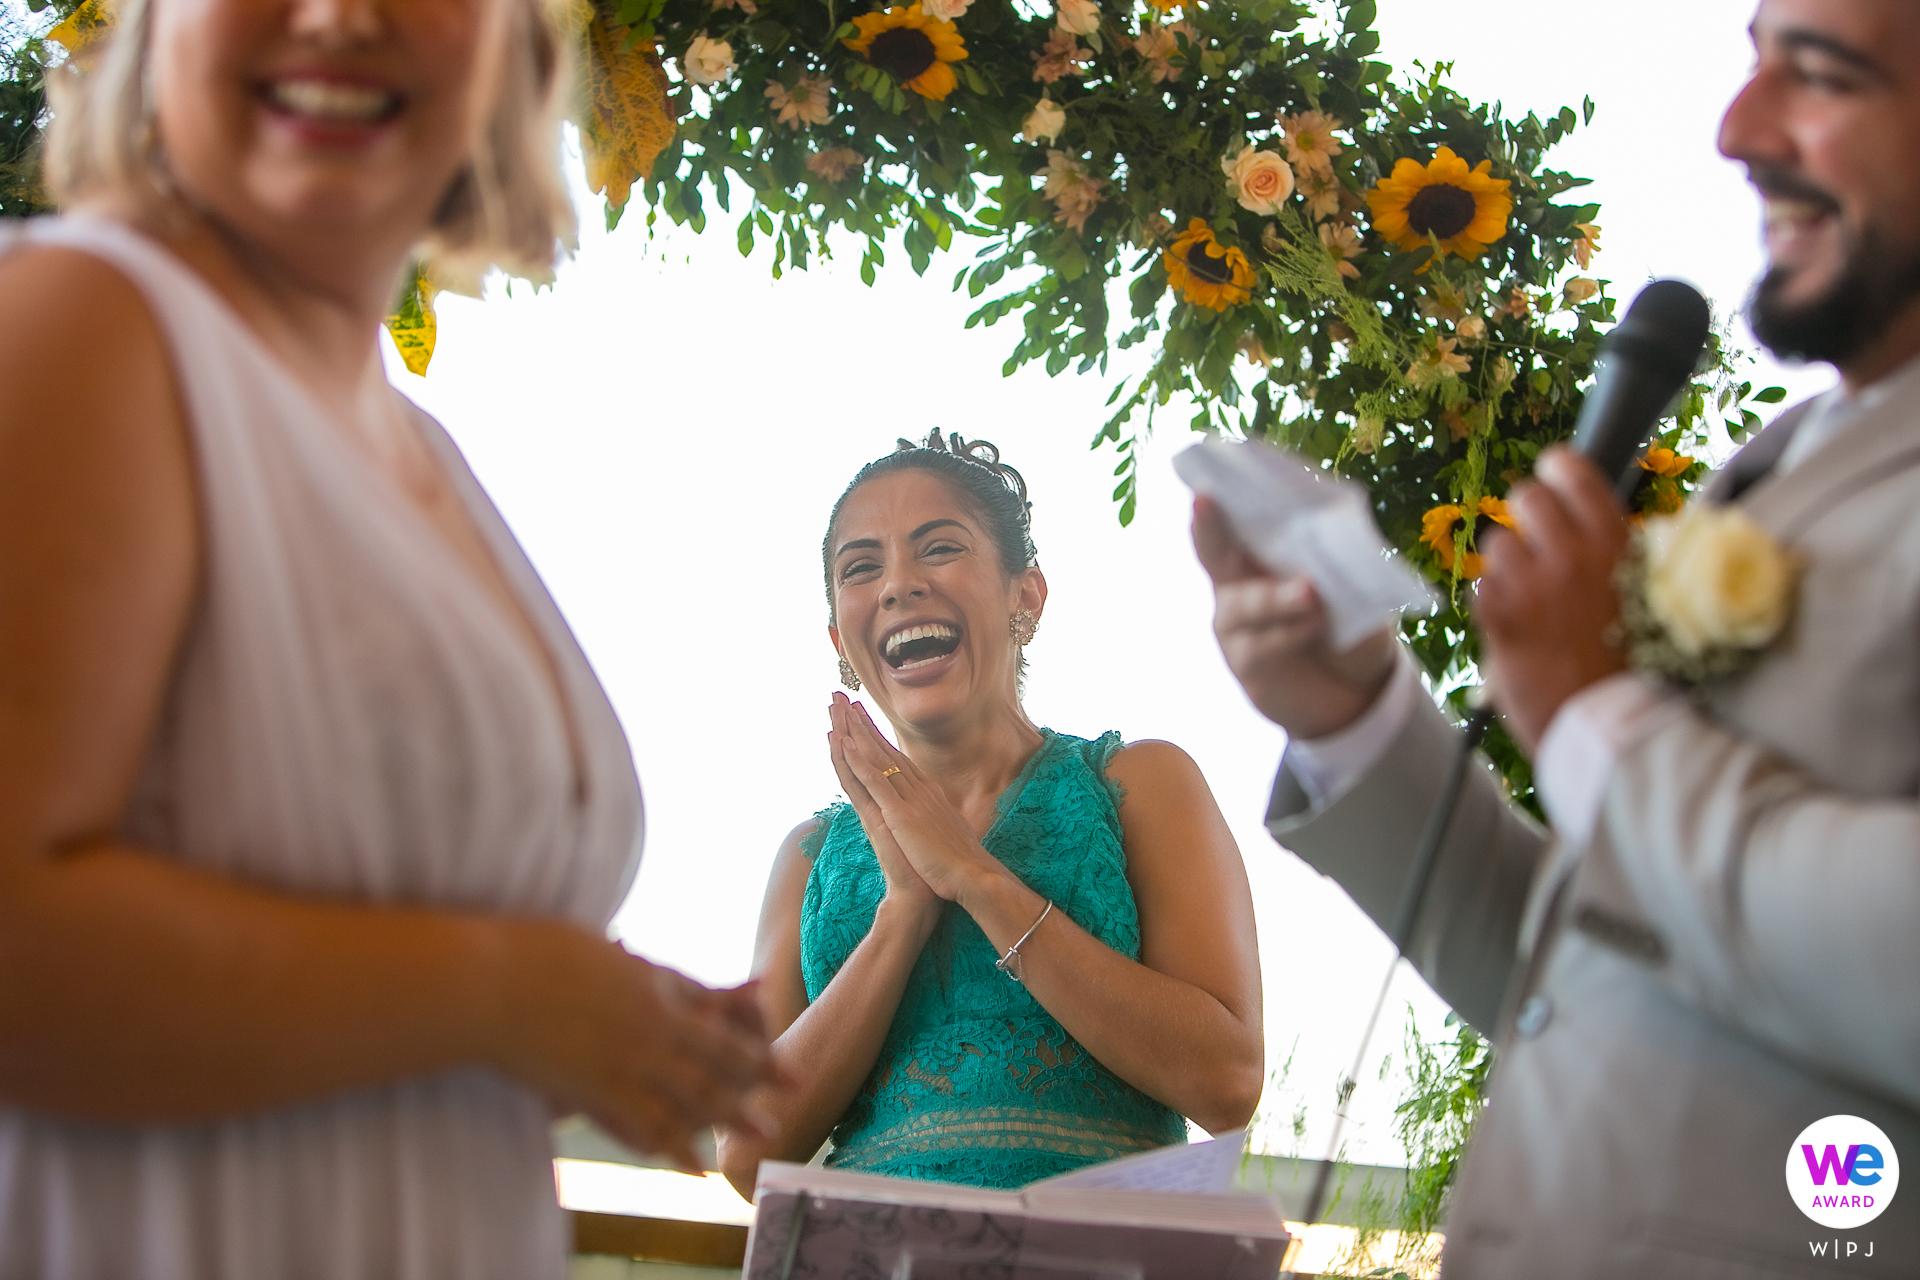 Café Manollo Maceió Photographie de mariage | Le marié incorpore une touche d'humour dans ses vœux